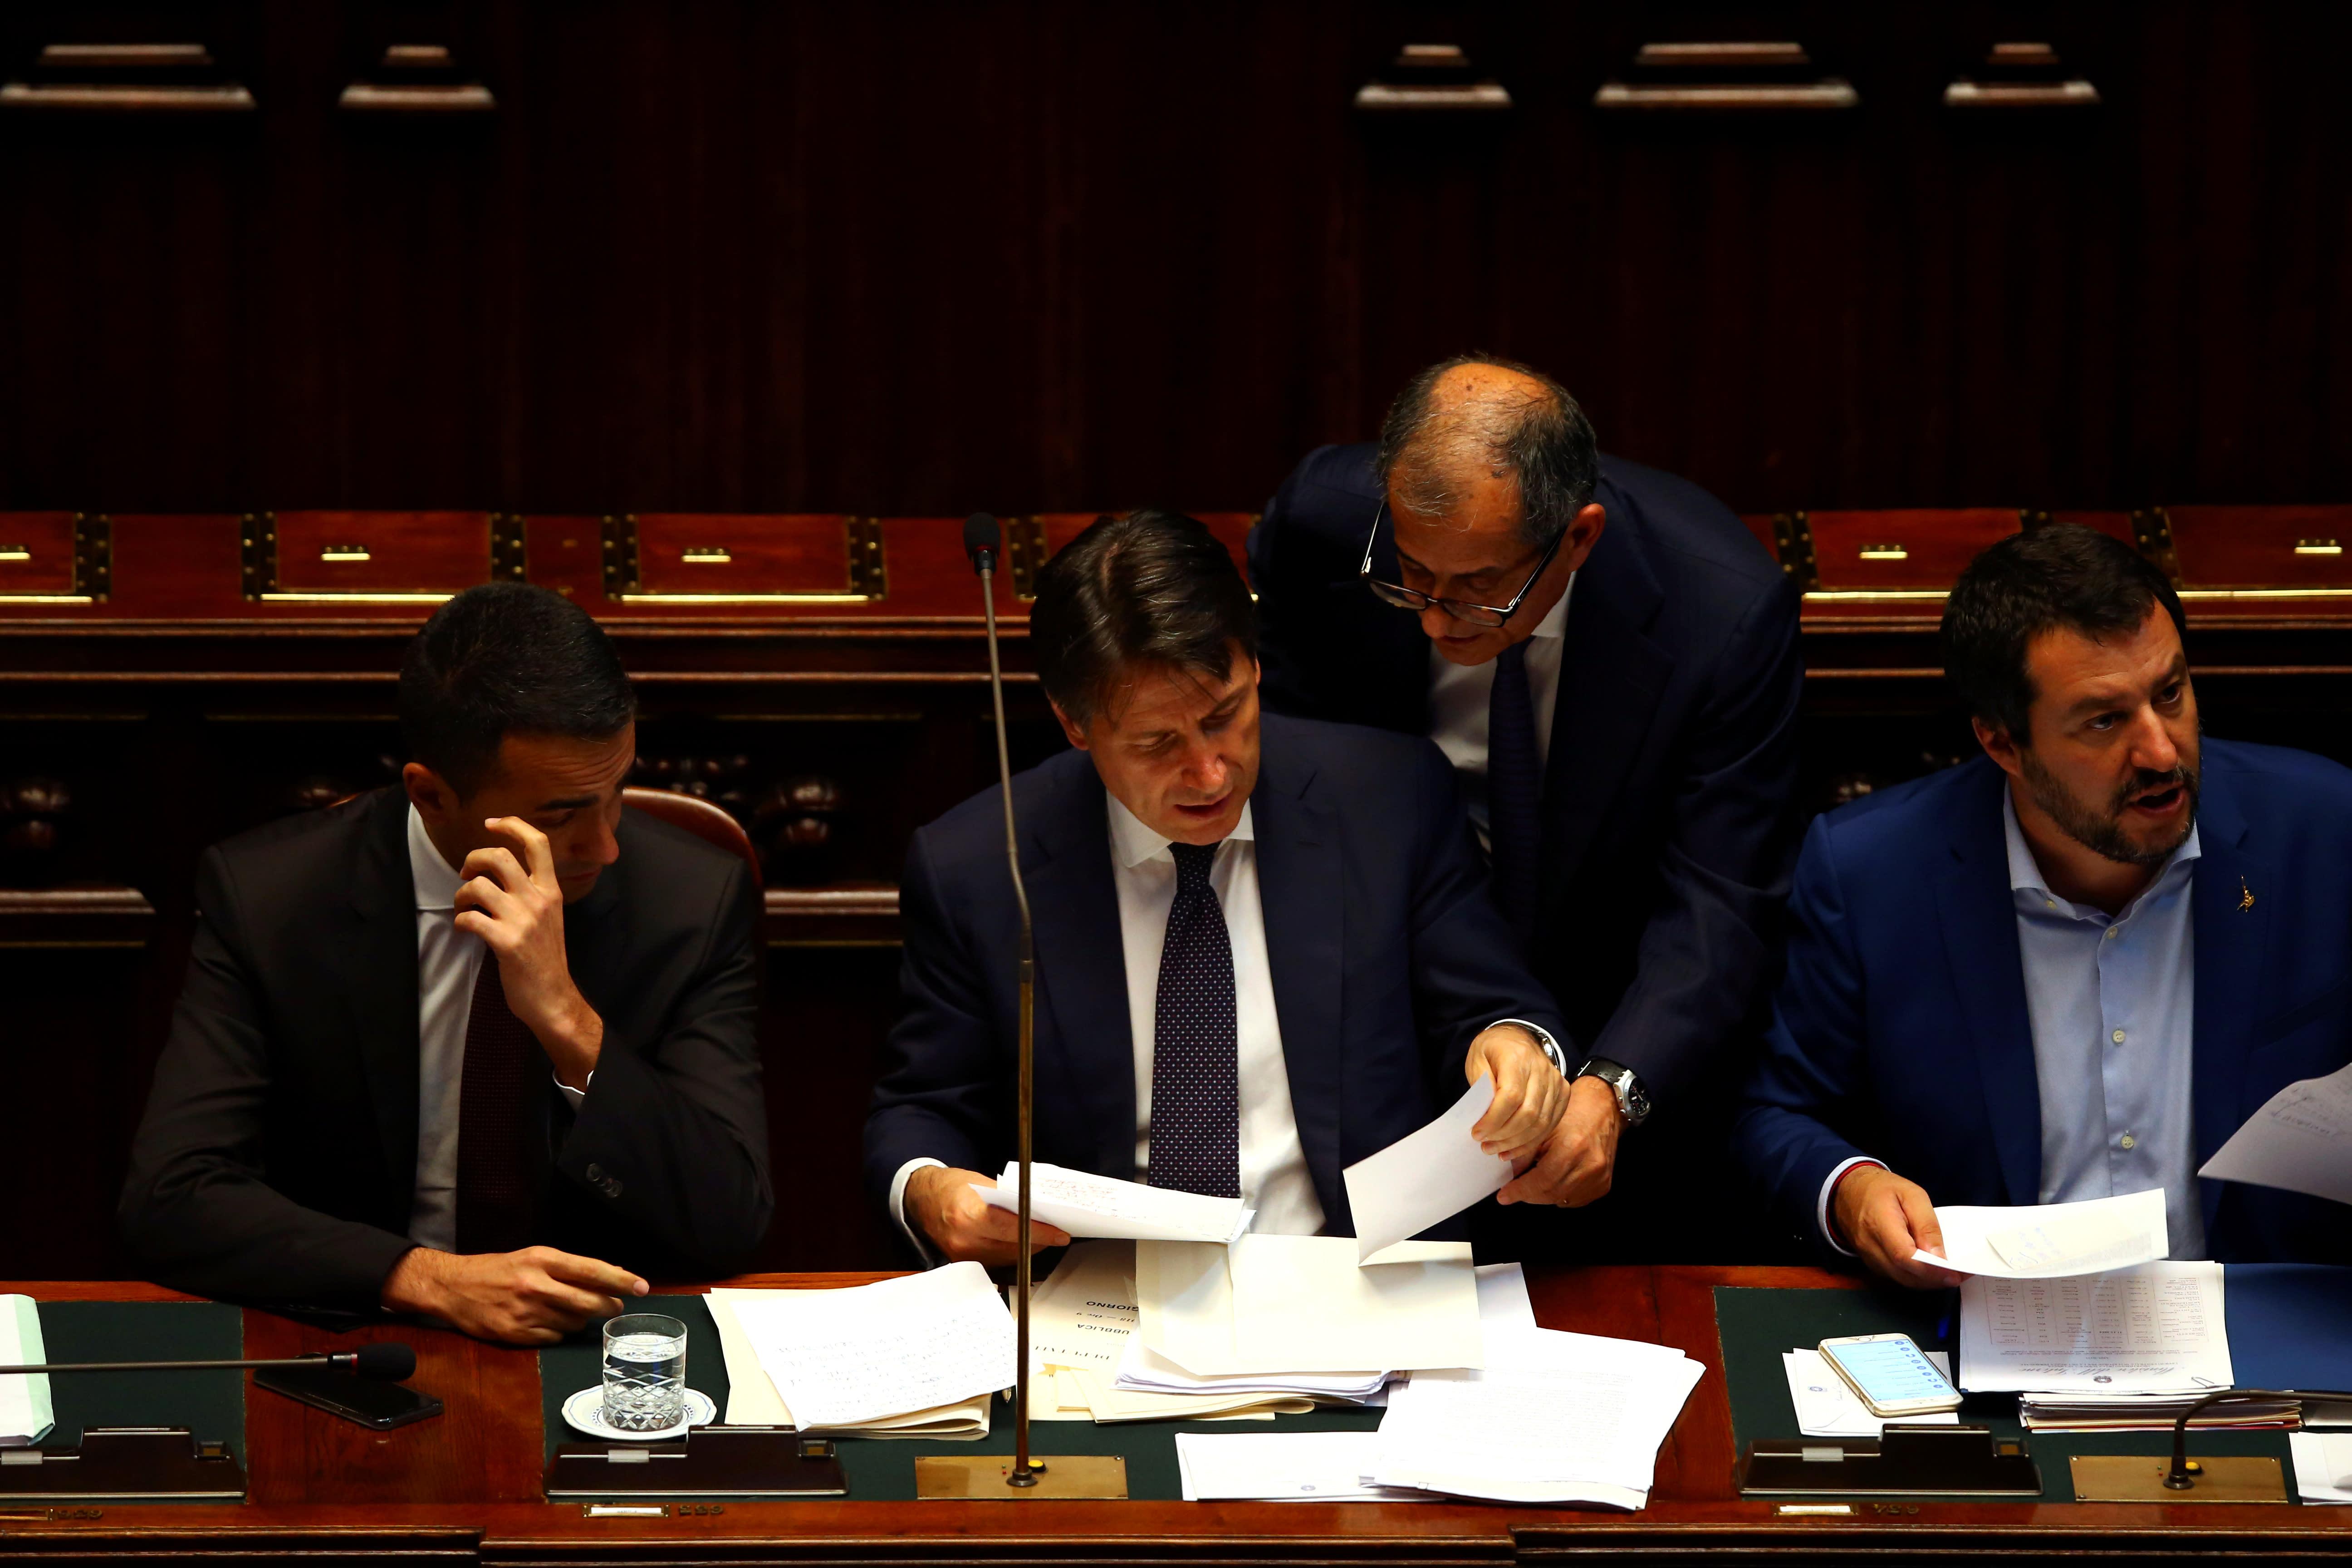 Ufficio Parlamentare Di Bilancio : Critiche da bankitalia e dall upb ufficio parlamentare di